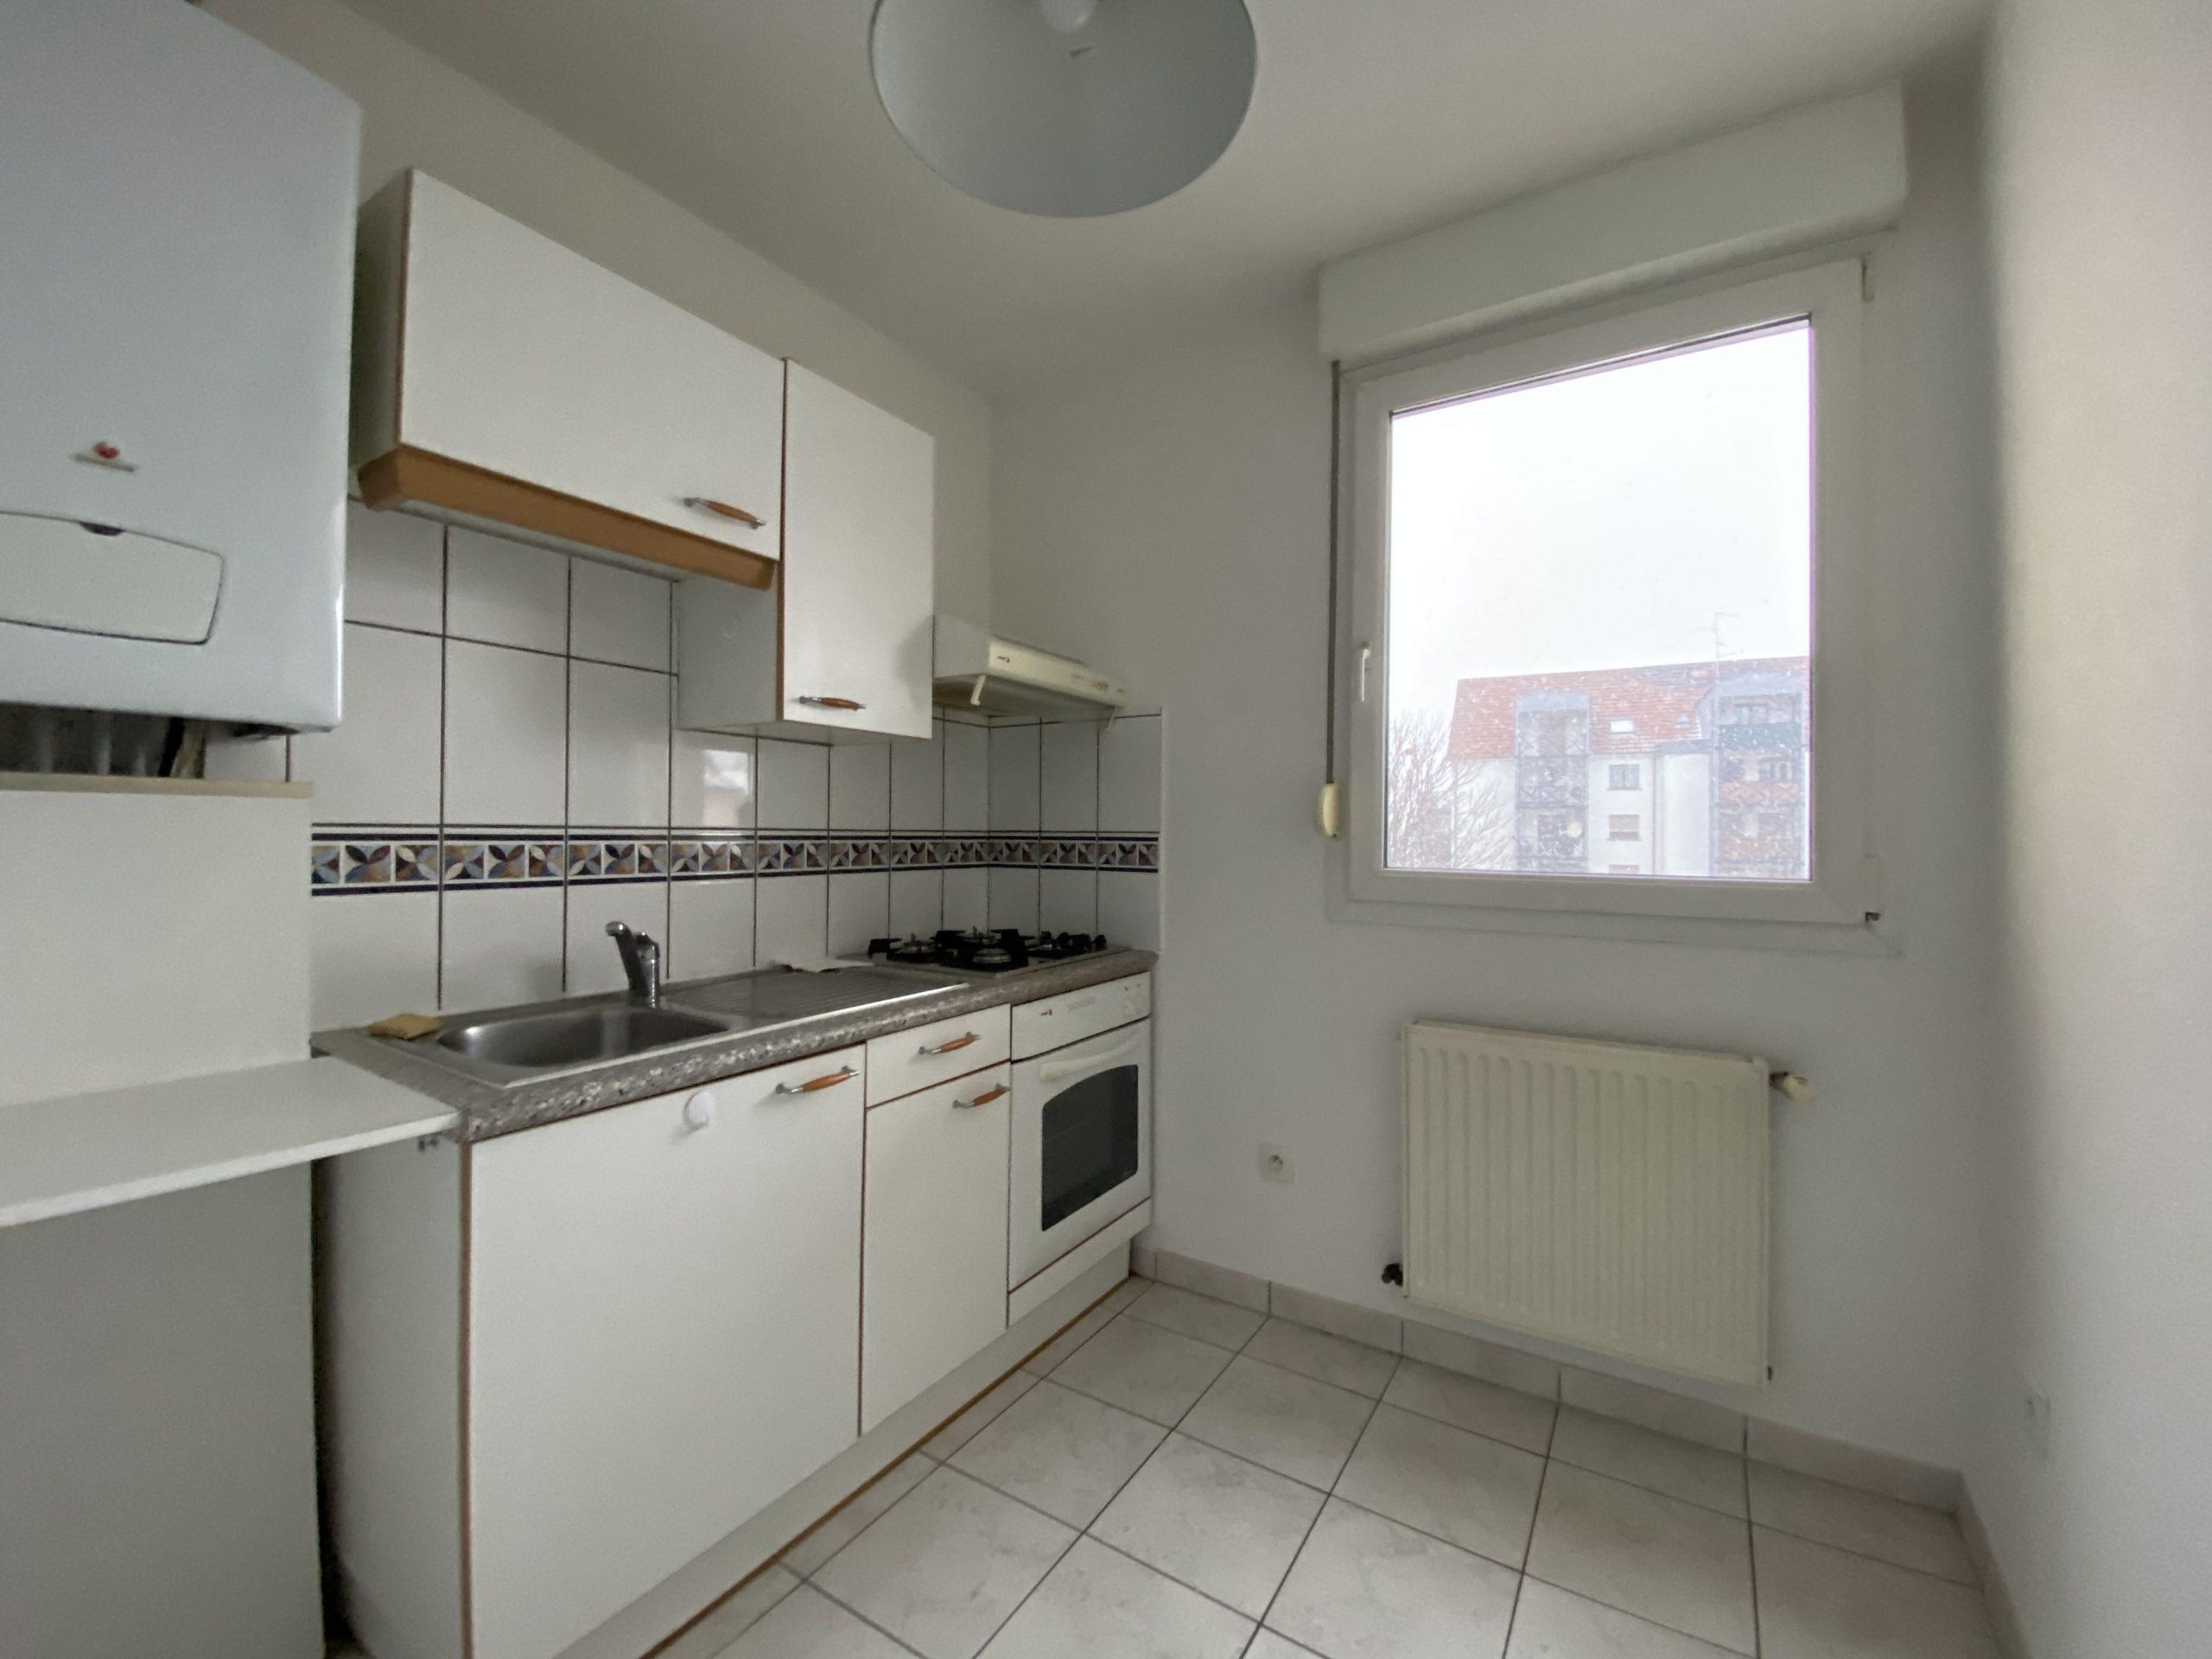 appartement 2 pièces Saint-Louis - Remy Benoit Meyer - Les maisons en vente Vous êtes à la recherche d'un agent immobilier à proximité d'Ensisheim, Guebwiller, Mulhouse ? Vous êtes à la recherche d'une maison à vendre à Colmar, Ensisheim, de Wittenheim, de Rixheim ou ailleurs dans le 68 (Haut-Rhin)